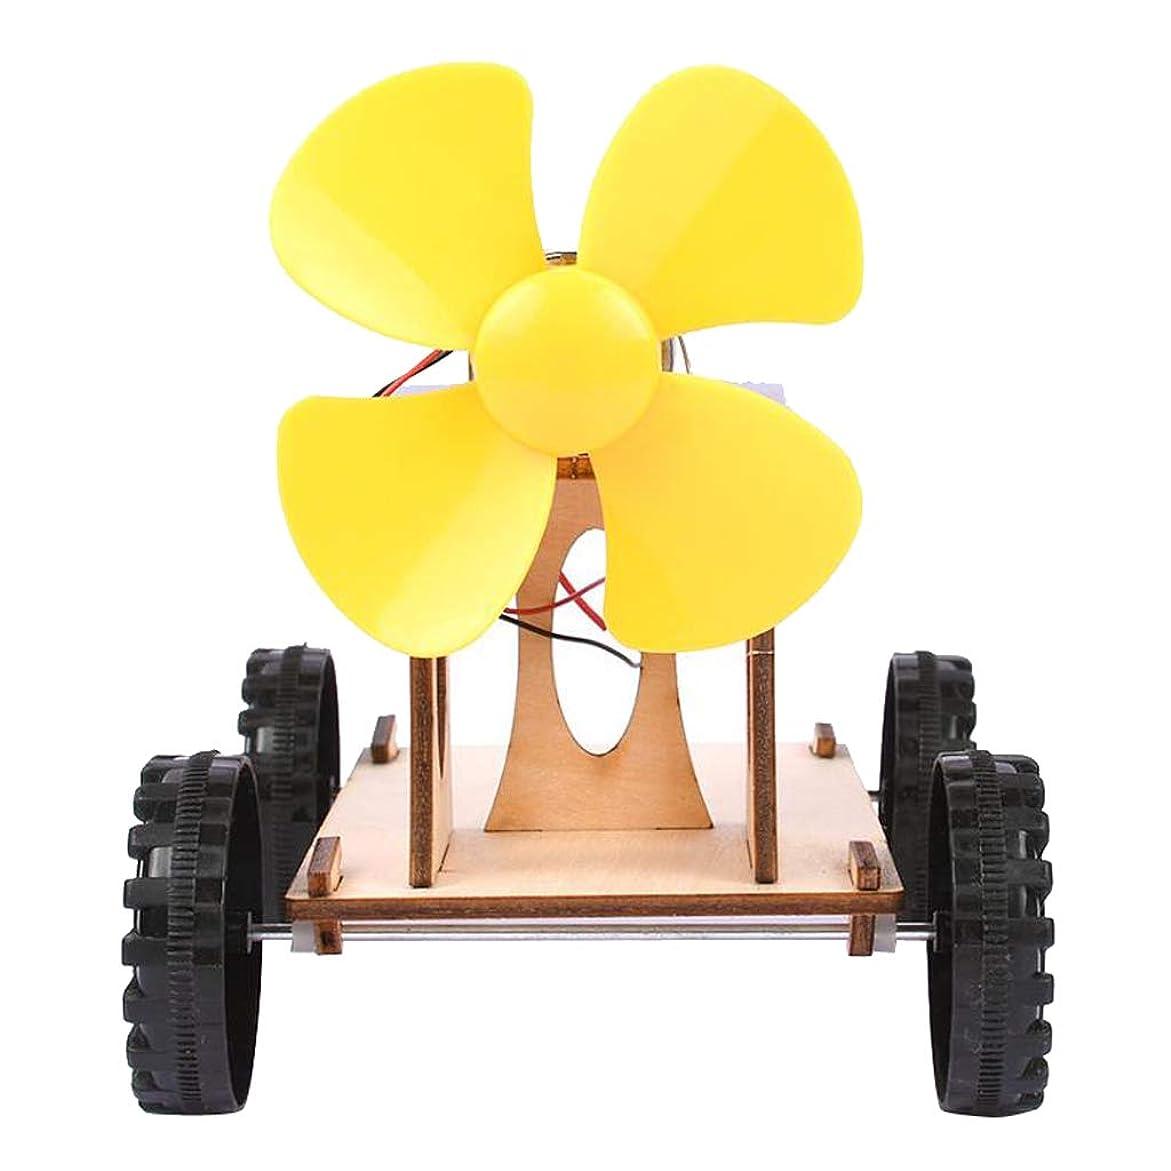 頭蓋骨議会劇場Perfeclan 発電車(太陽エネルギ+風力エネルギ) 組み立てカー 変換実験おもちゃ 科学教育 子供 DIY用 1台